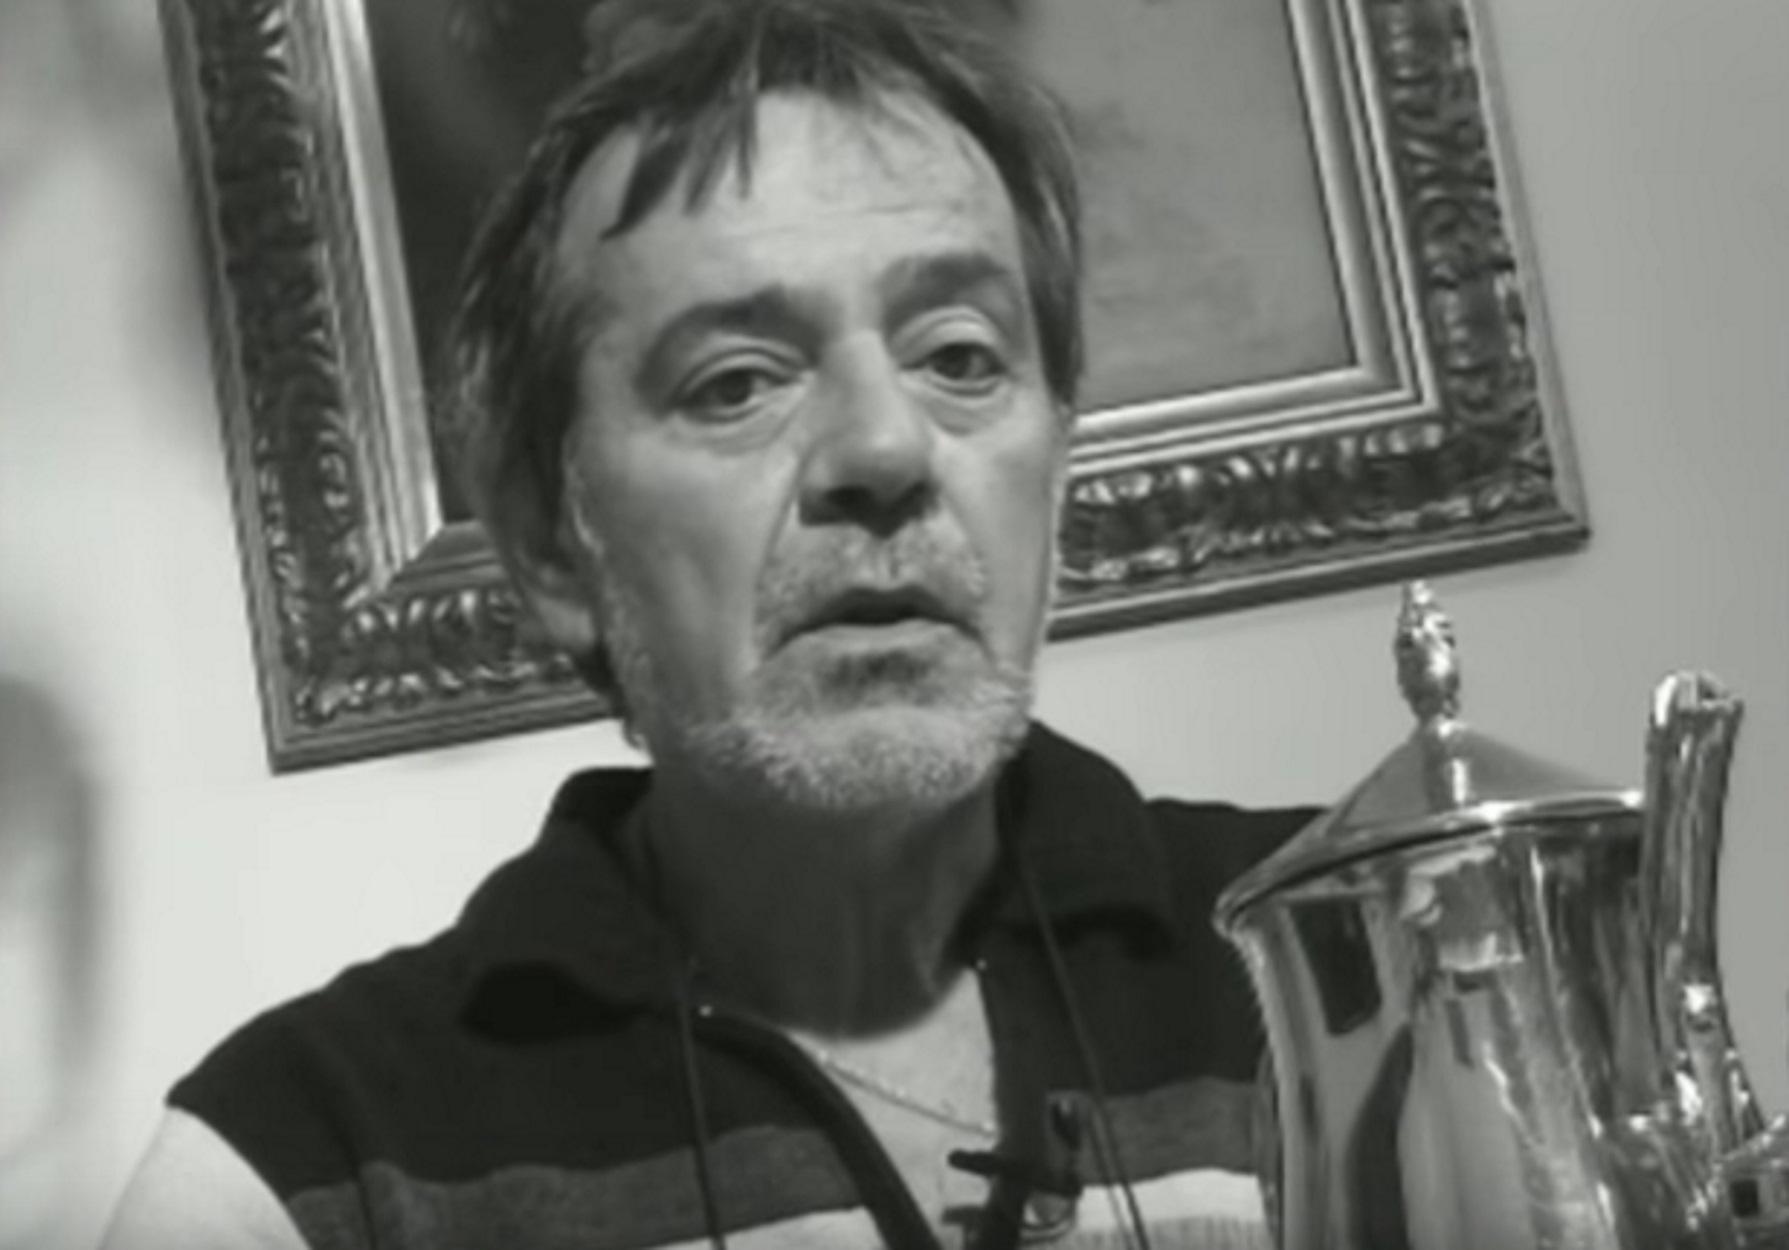 Θρήνος στον καλλιτεχνικό κόσμο - Πέθανε γνωστός μουσικοσυνθέτης!